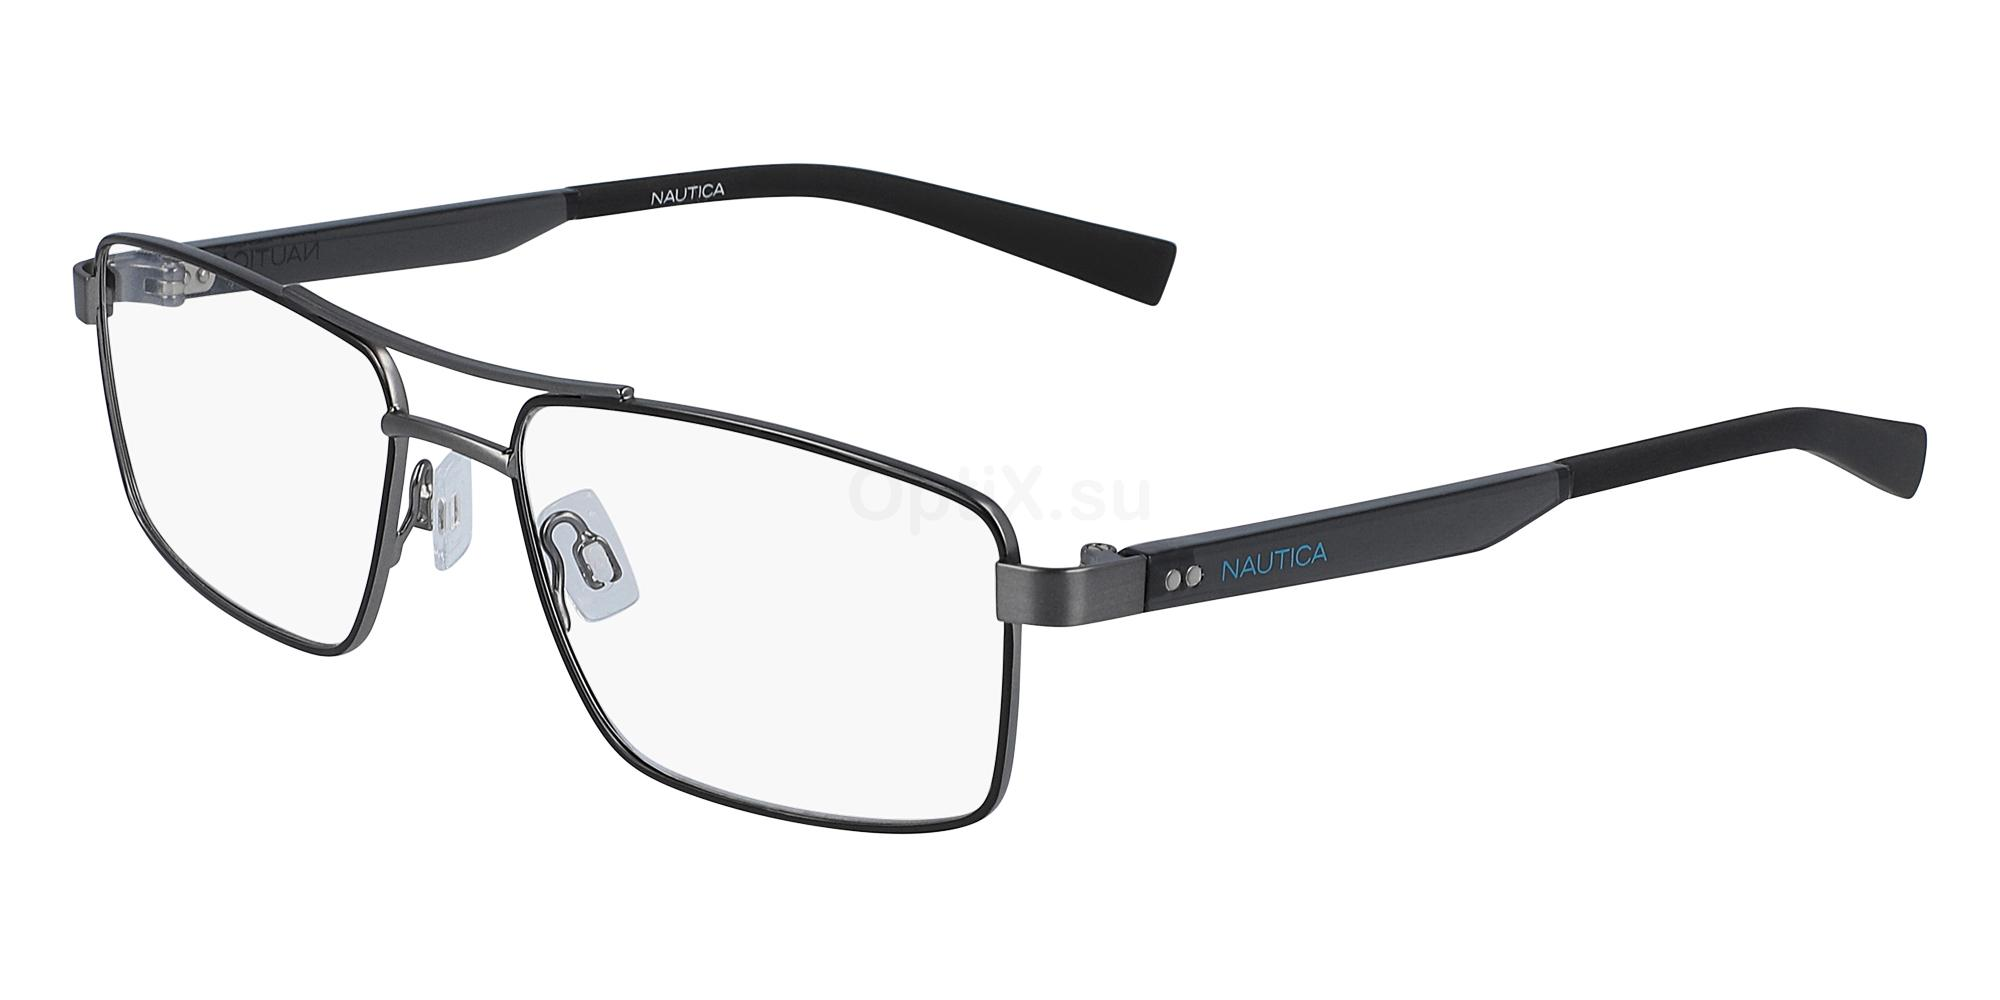 001 N8144 Glasses, Nautica